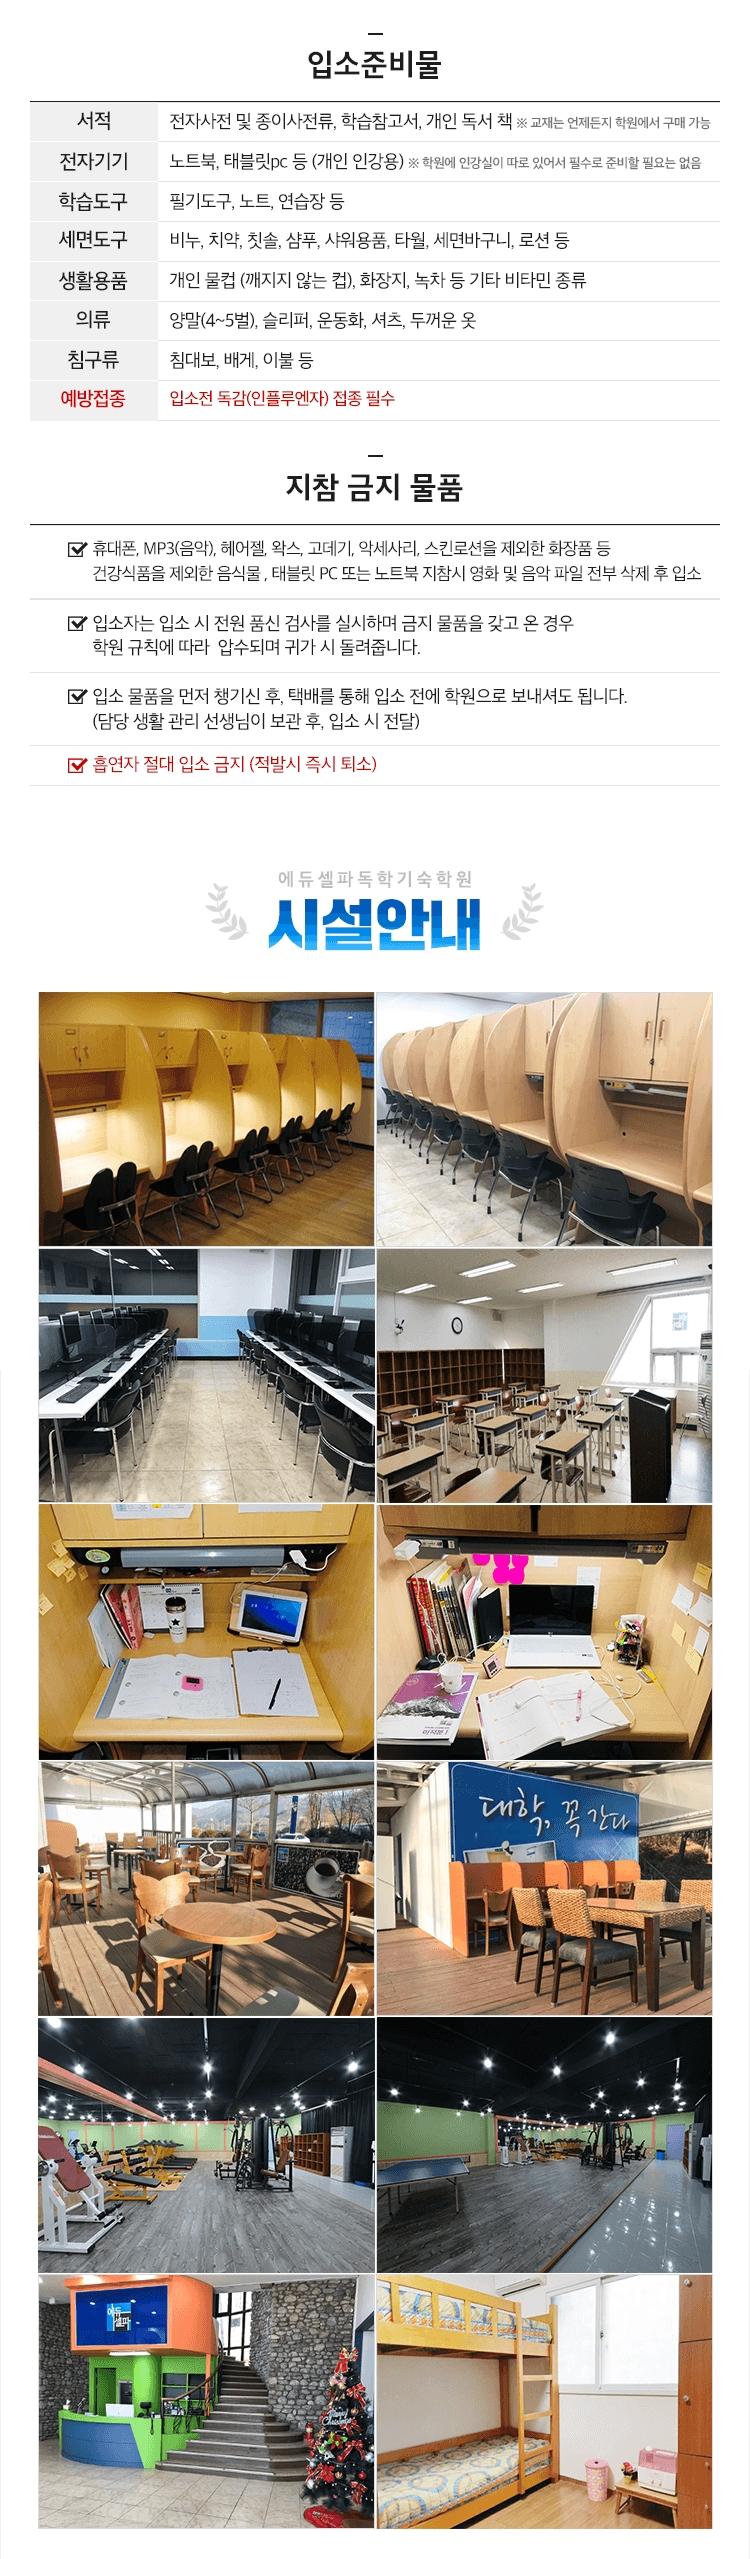 윈터스쿨 시설안내 입소준비물 모바일